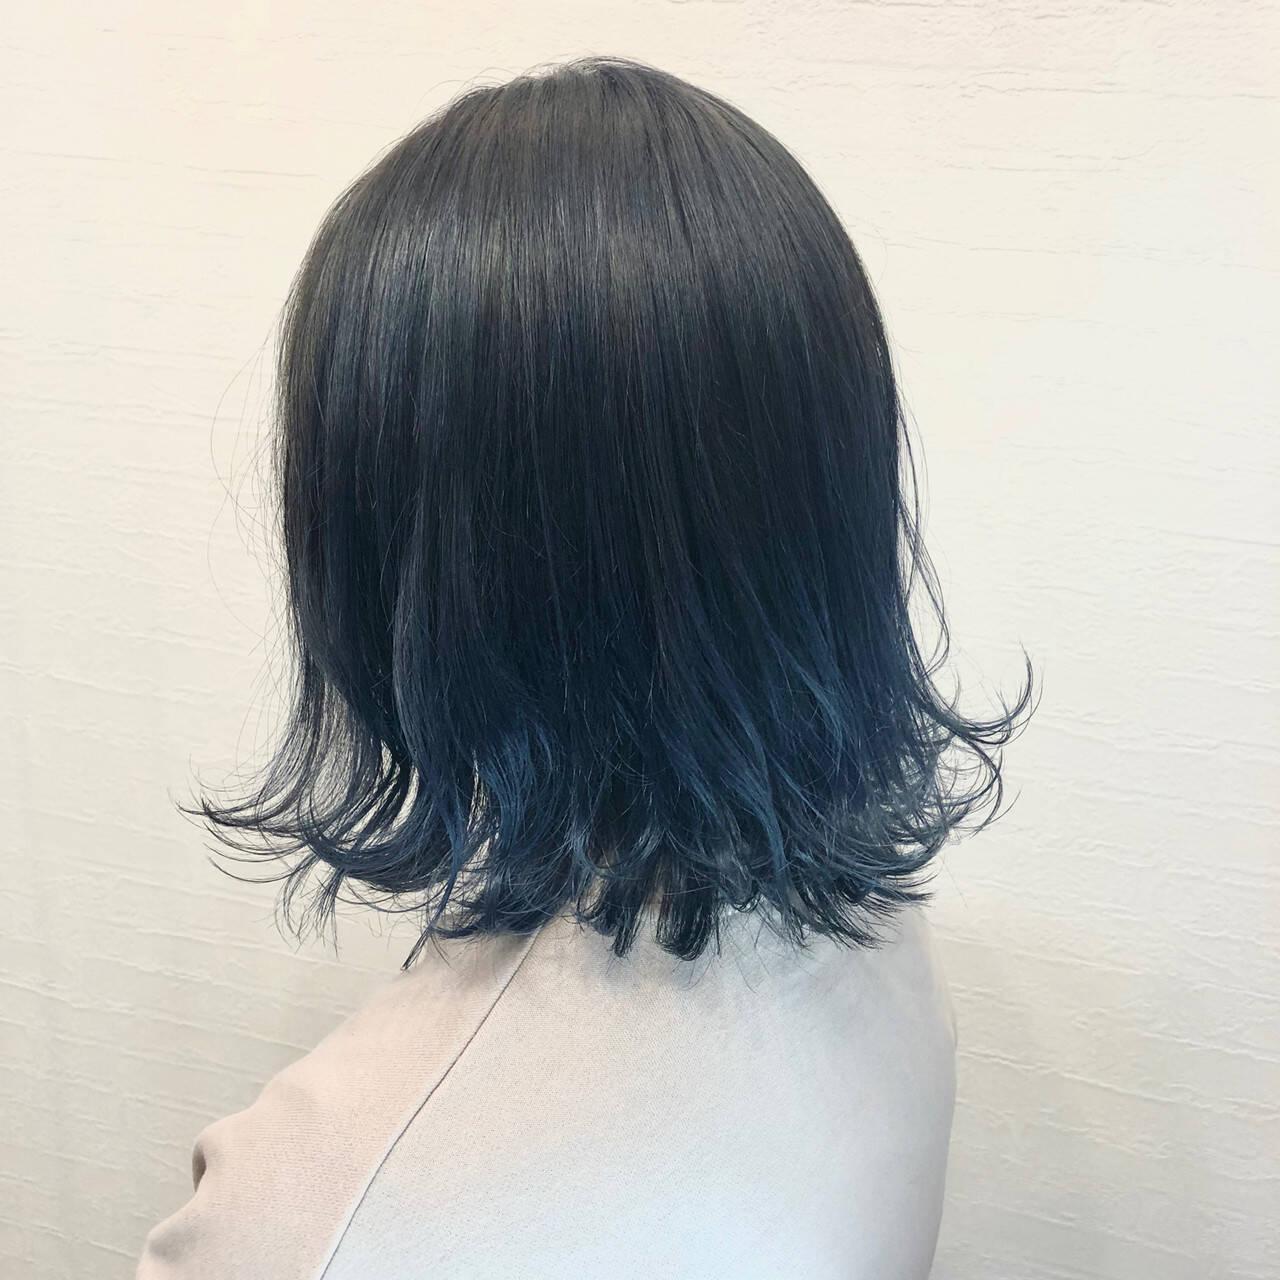 ネイビーカラー インナーカラー ネイビーブルー ボブヘアスタイルや髪型の写真・画像